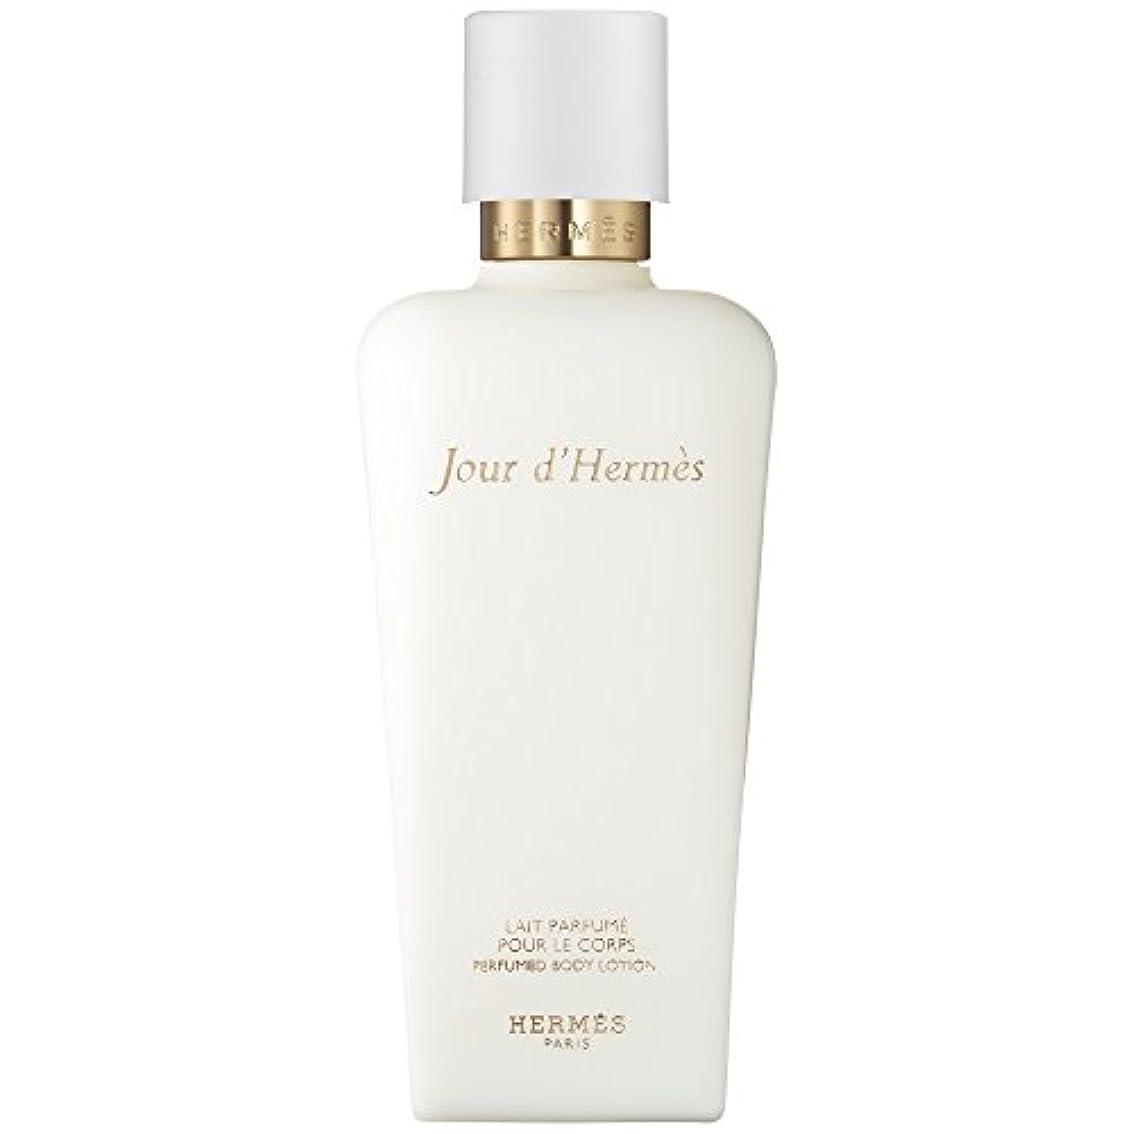 フィードバック蒸留期限エルメスJourのドールエルメス賦香ボディローション200ミリリットル (HERM?S) (x2) - HERM?S Jour d'Herm?s Perfumed Body Lotion 200ml (Pack of 2...